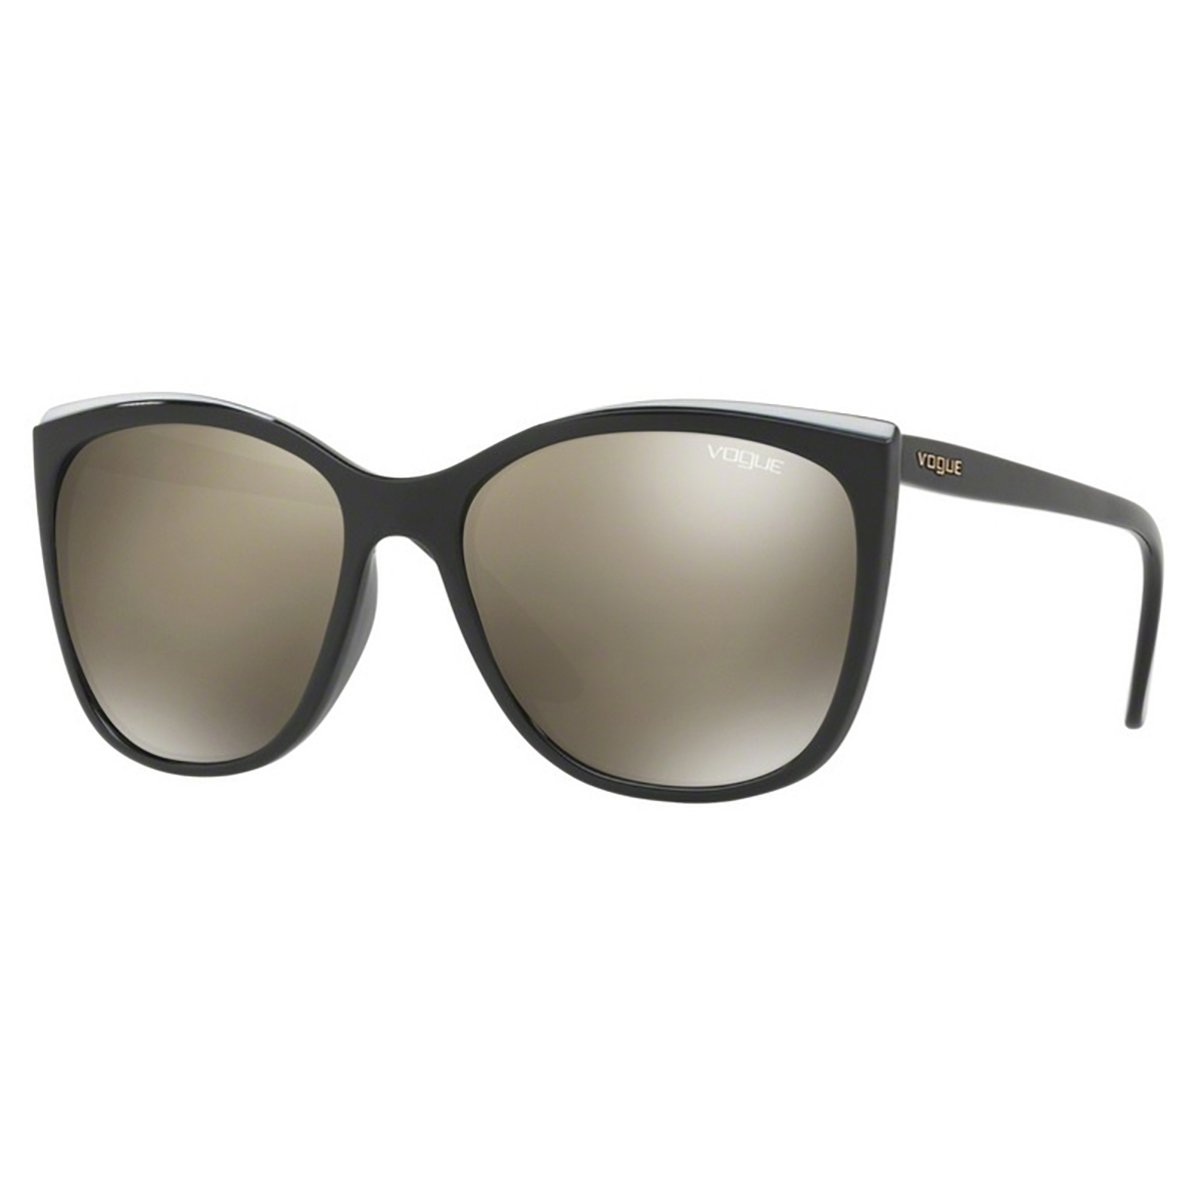 Compre Óculos de Sol Vogue em 10X   Tri-Jóia Shop 9883fd703e